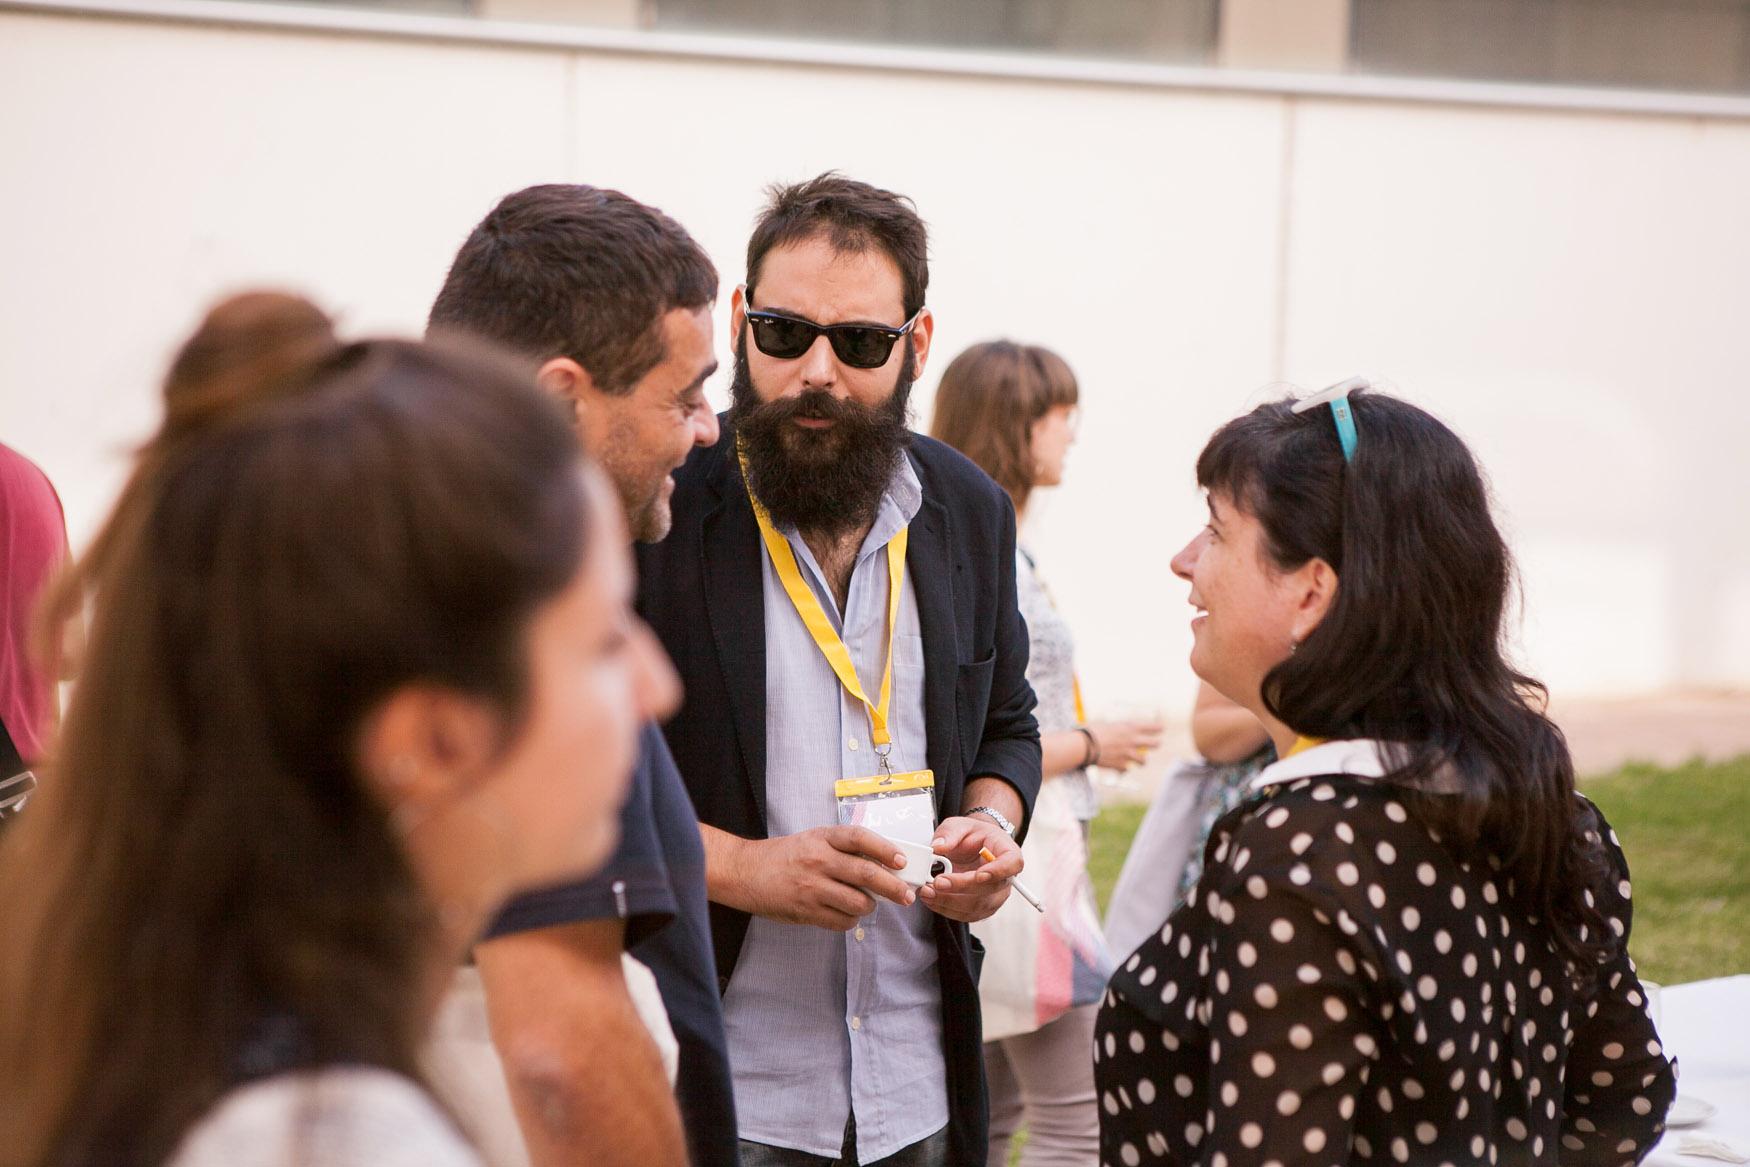 Rotulación y señalética para el Congreso Internacional de Ilustración, Arte y Cultura visual de la UPV Valencia